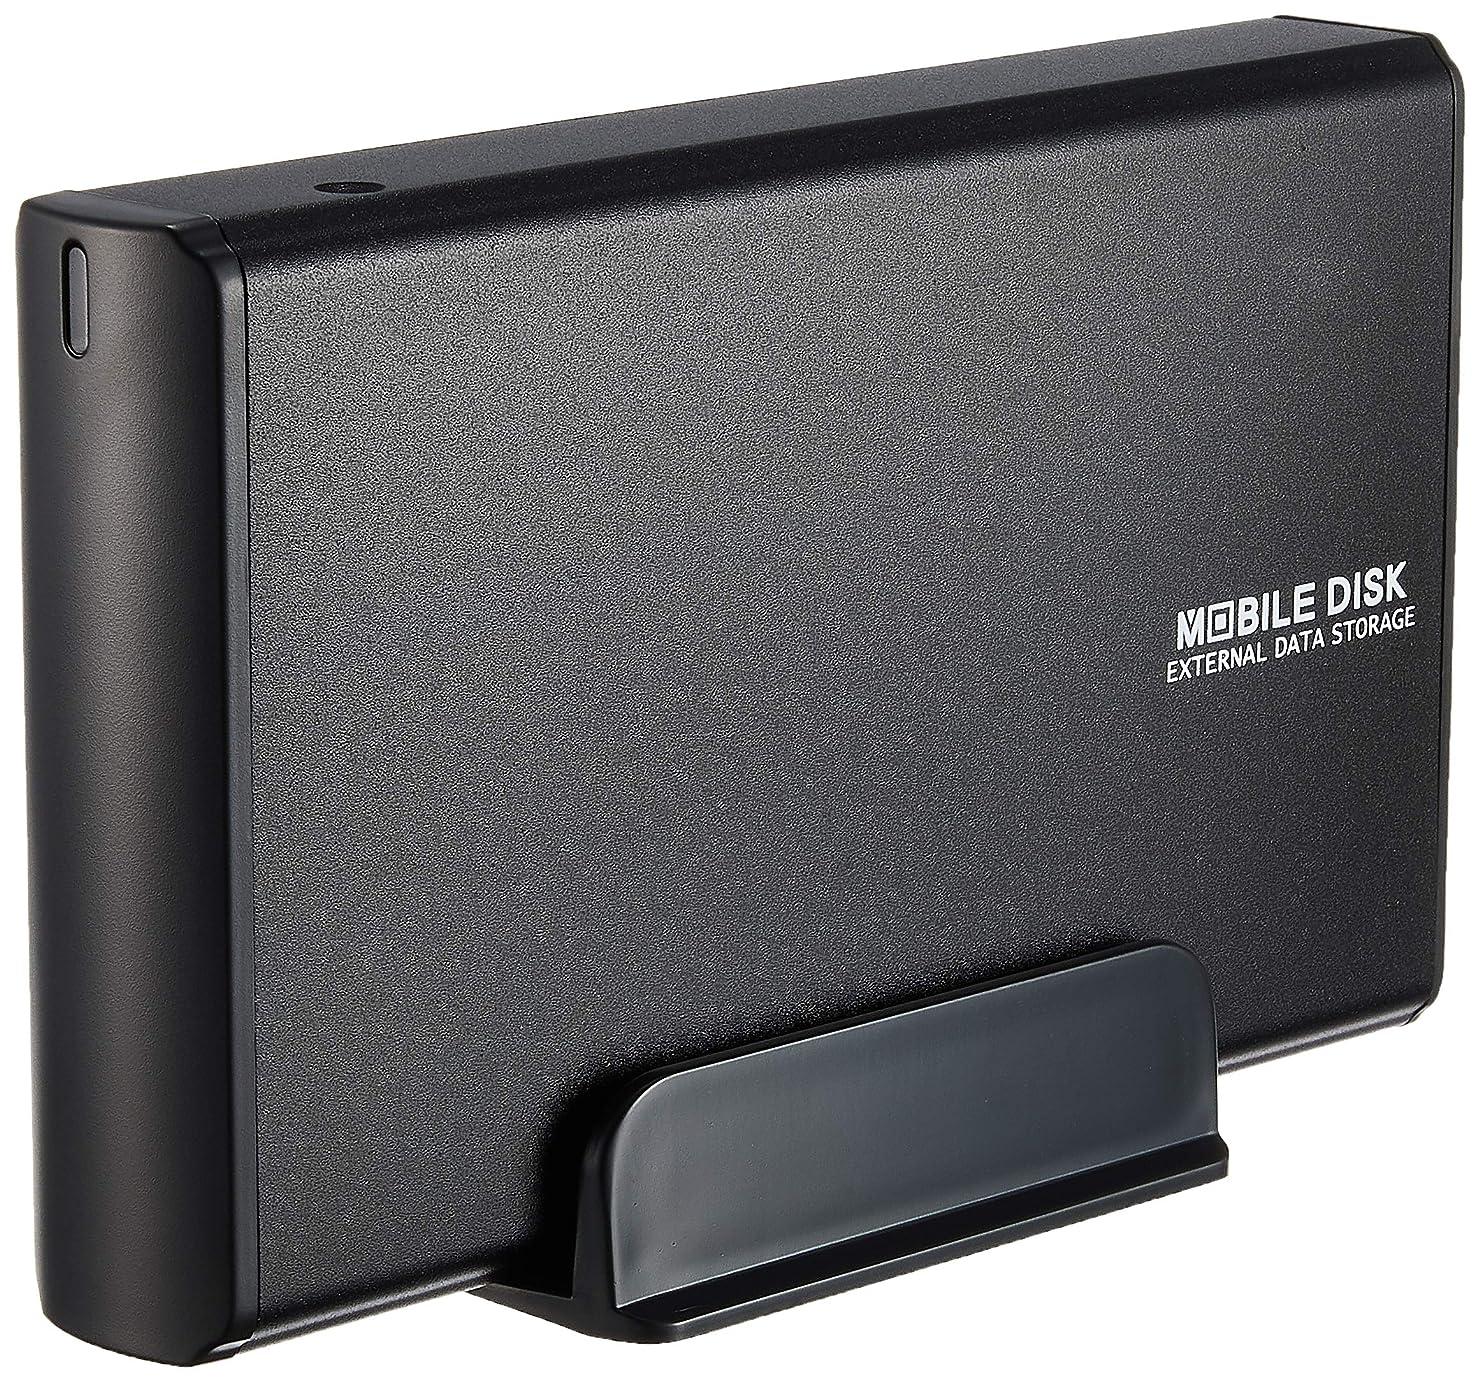 感情の山最終的にWD HDD 内蔵ハードディスク 3.5インチ 4TB WD Red NAS用 WD40EFRX-RT2 5400rpm 3年保証